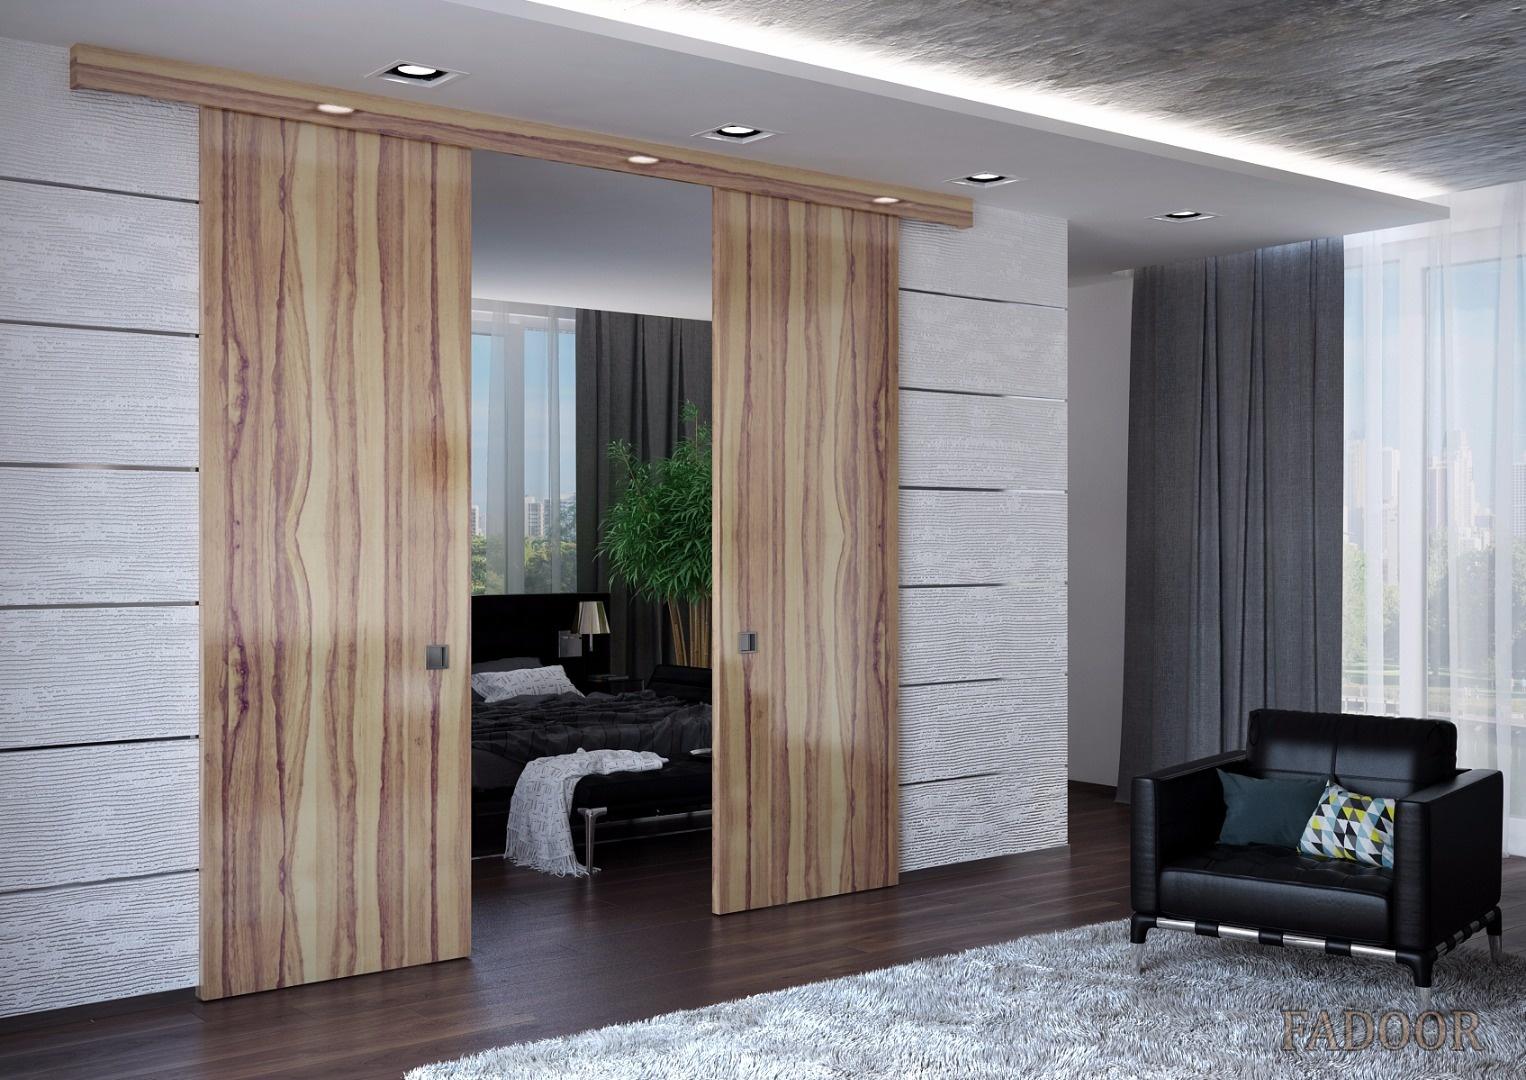 Раздвижные межкомнатные двери: отличный выбор для любителей Хай-тек